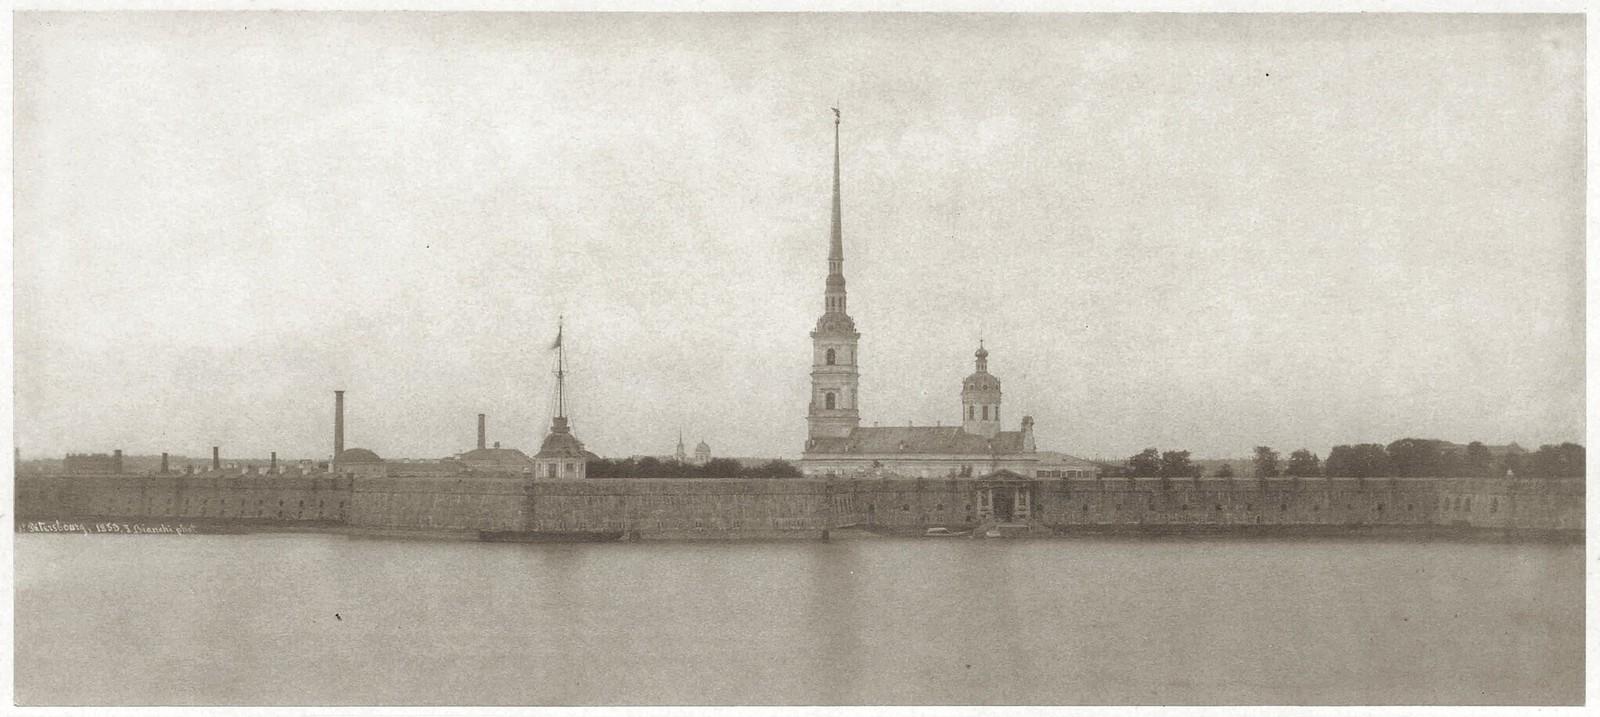 Вид на Петропавловскую крепость и Петропавловский собор, построенный по проекту архитектора Доменико Трезини в 1712-1732 гг. 1853